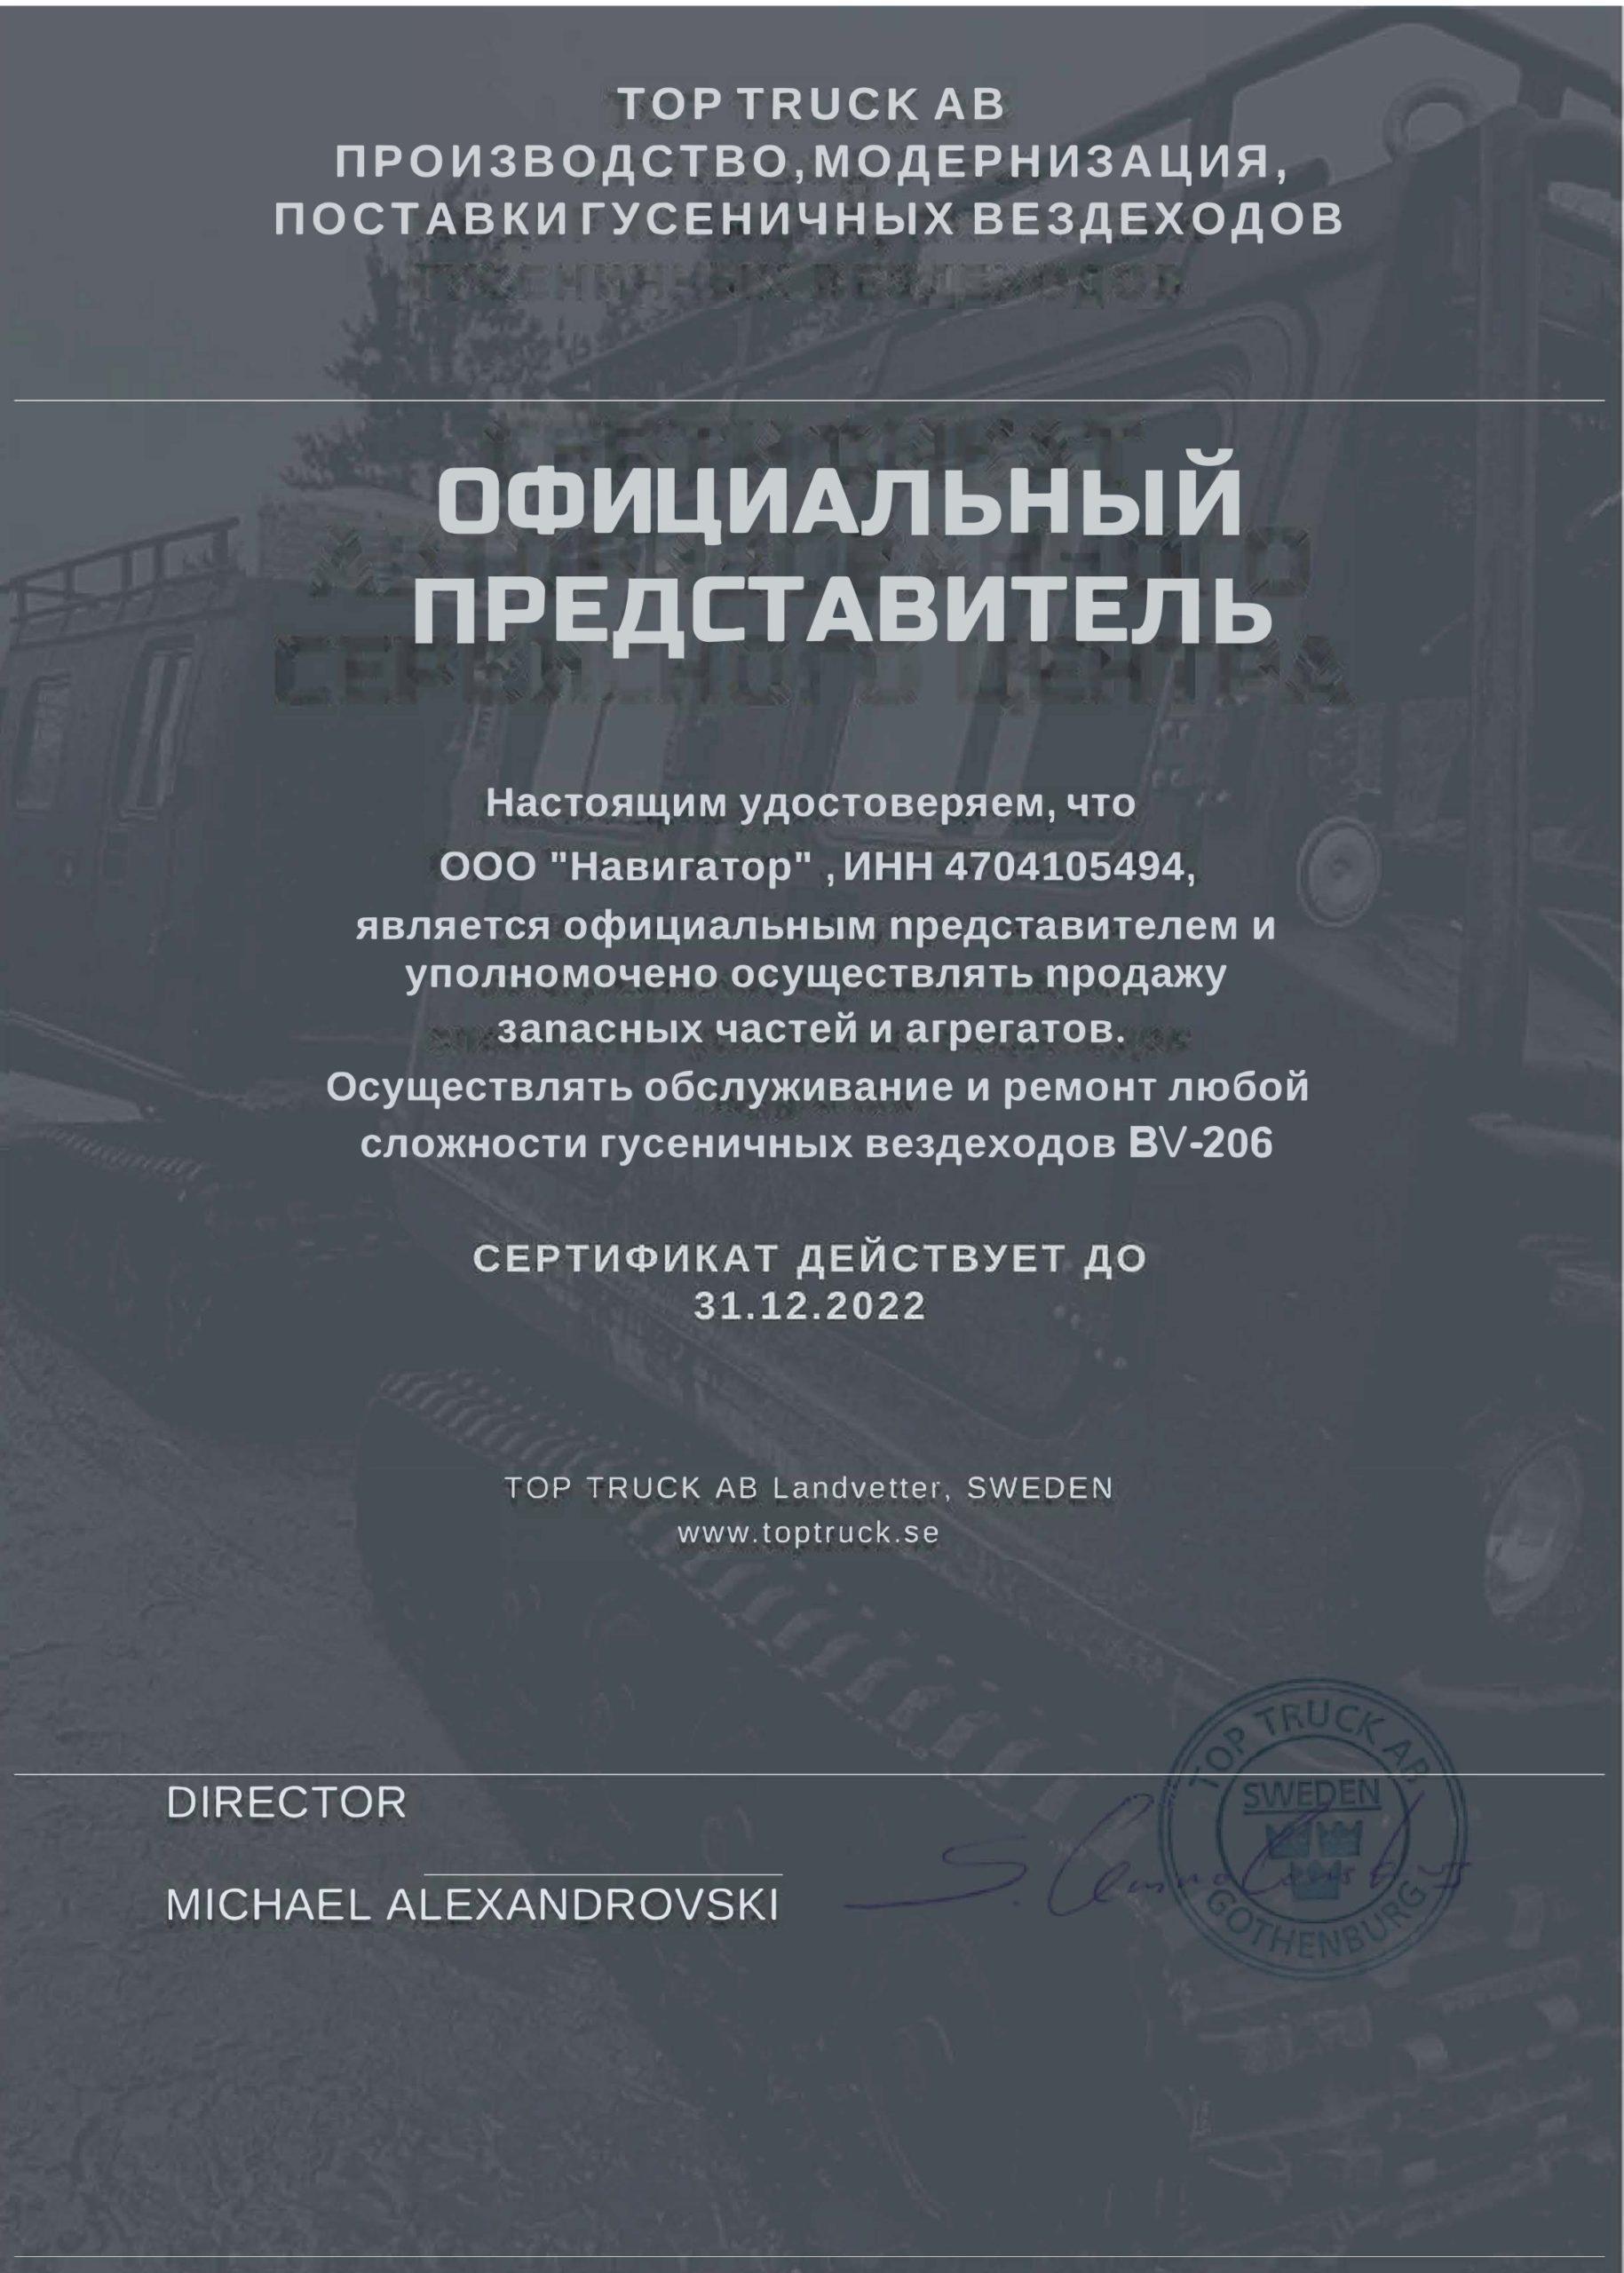 Важное событие для Российских вездеходов BV-206 Лось !!!